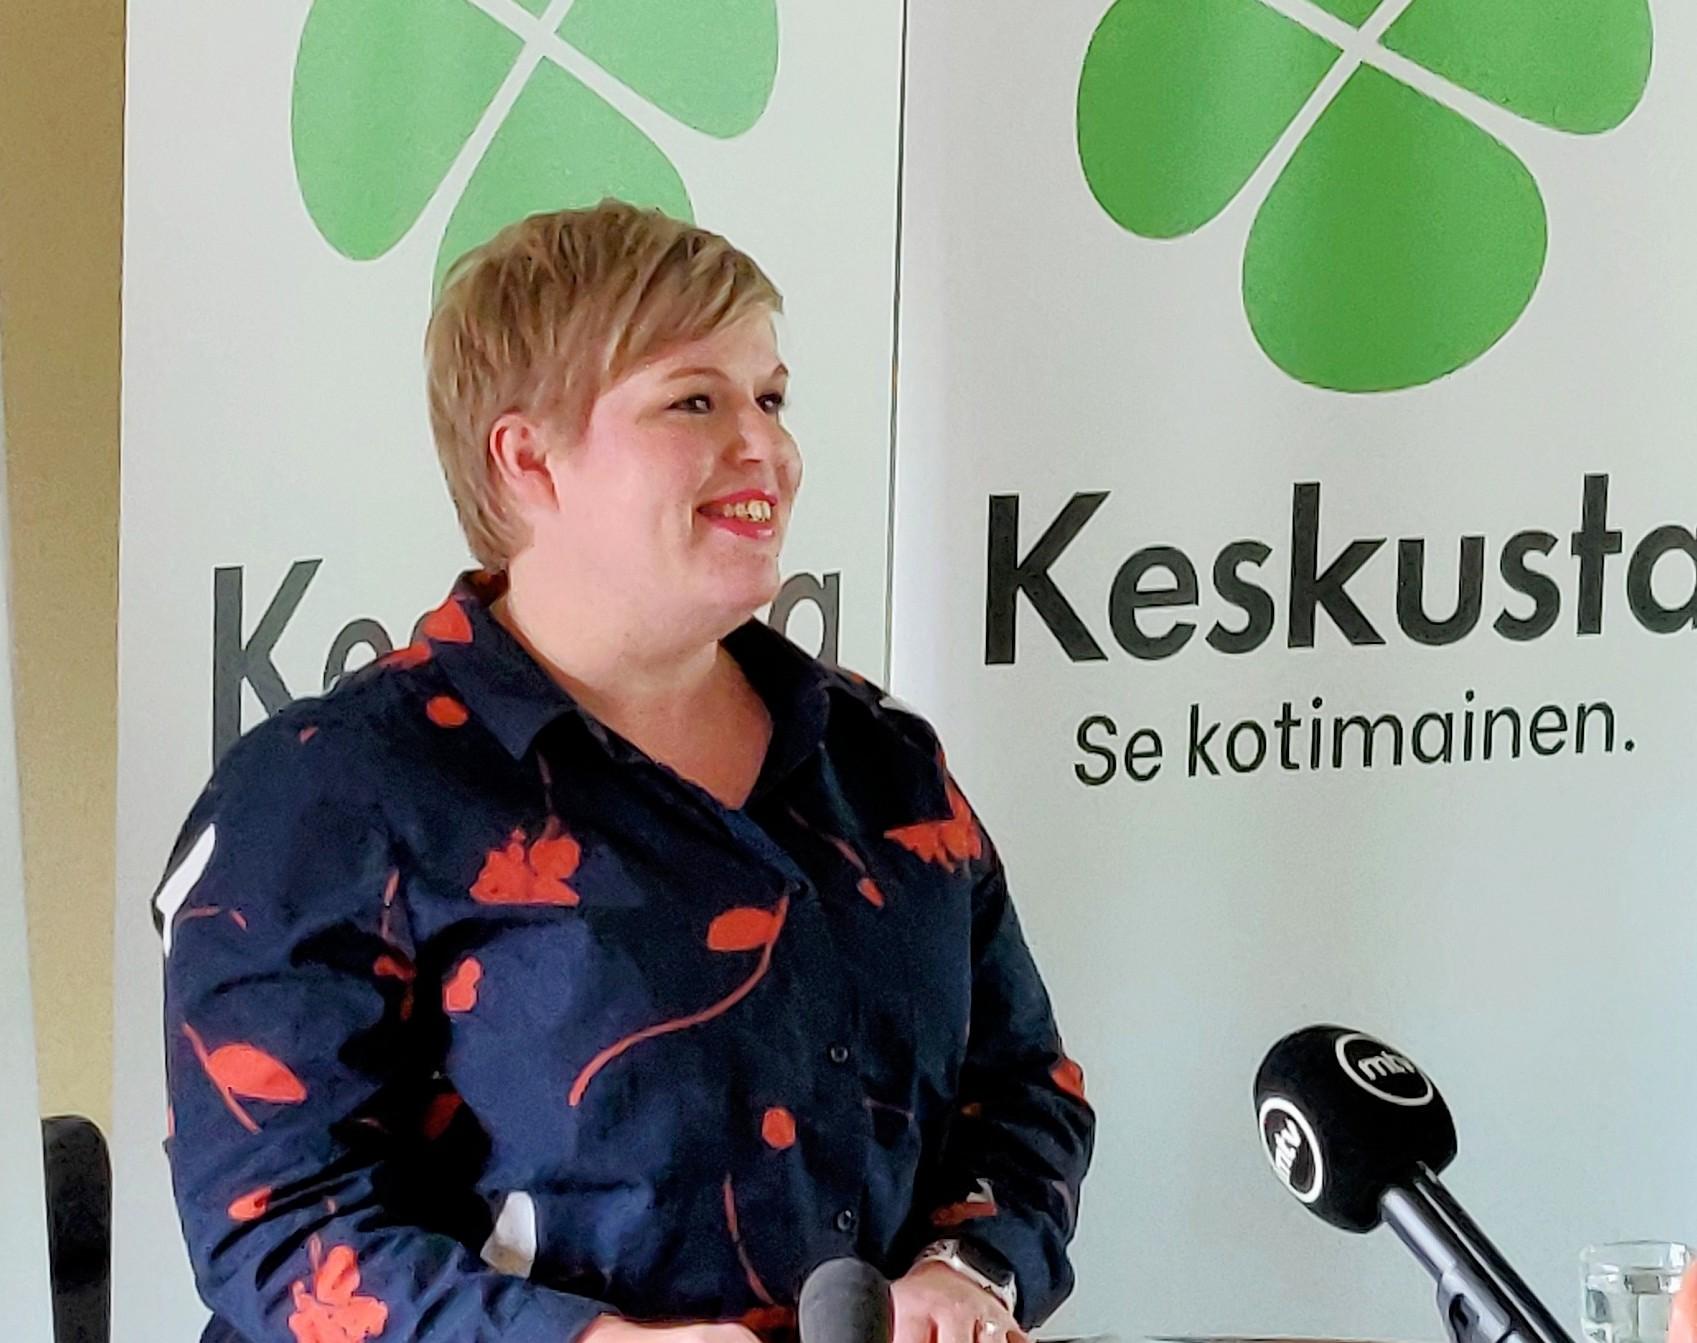 Annika Saarikko pitämässä puhetta, taustalla Keskustan logo ja slogan